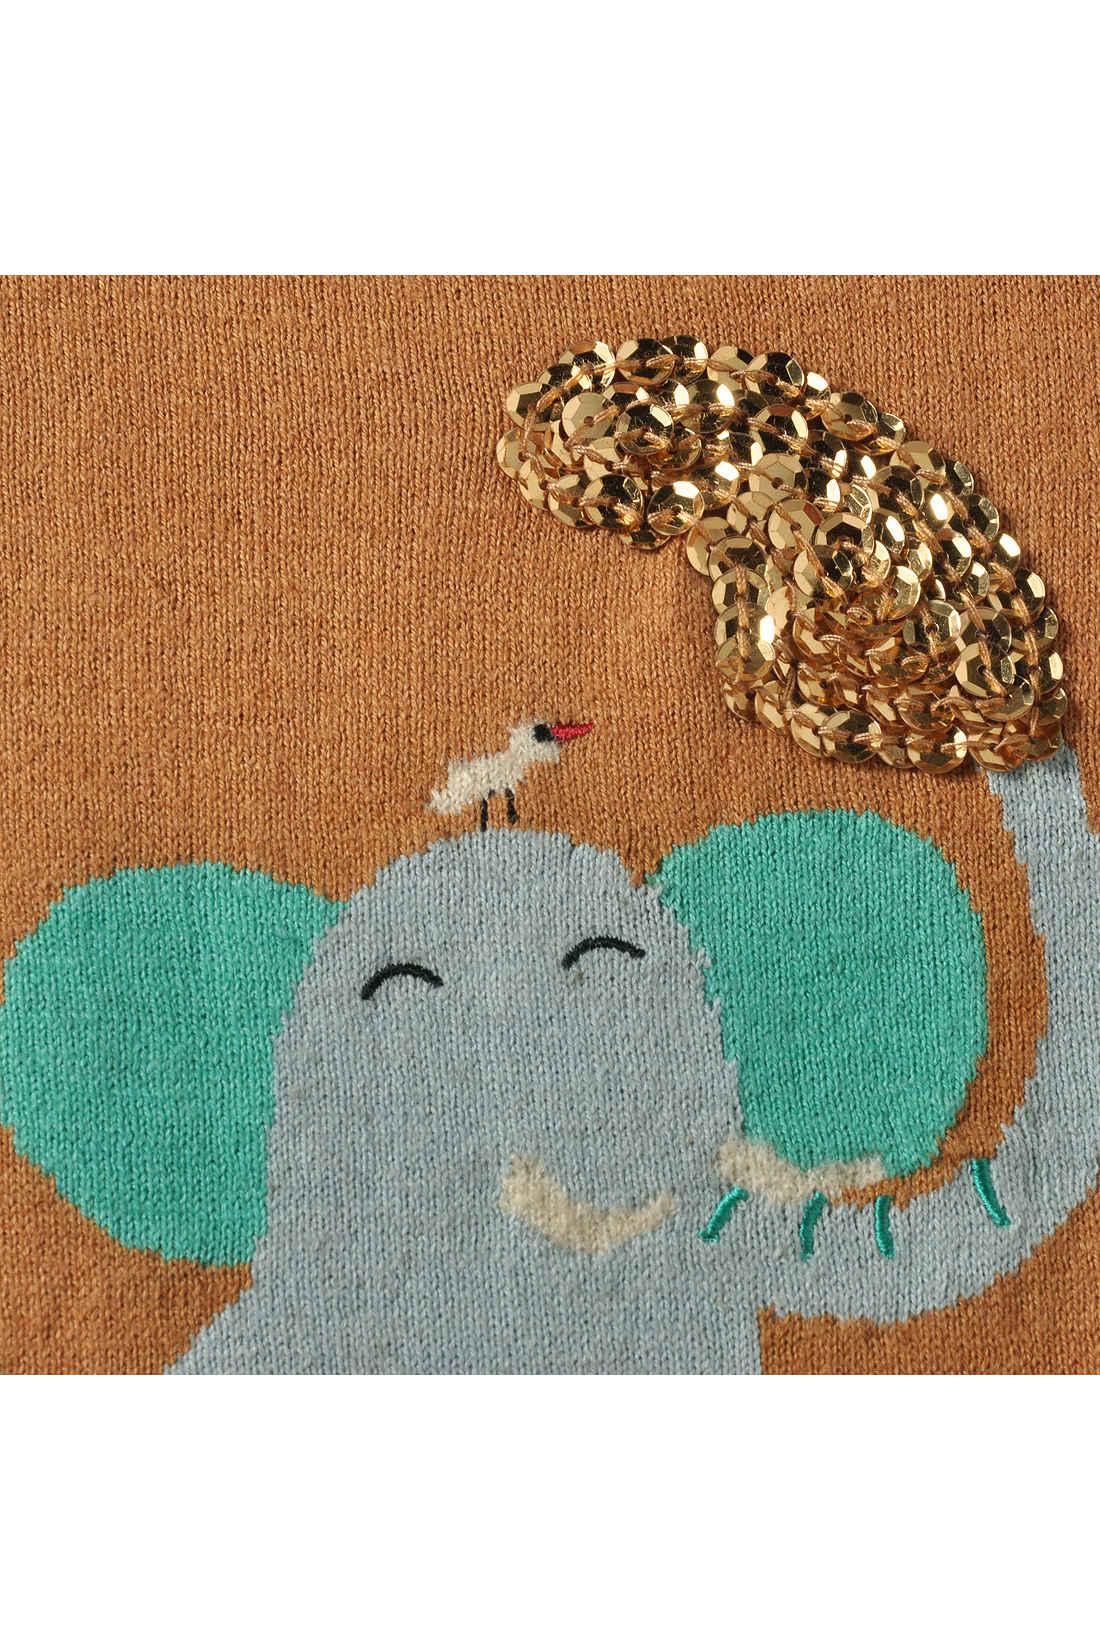 ぞうさんのキバとちょこんと乗った小鳥はふわふわとしたブークレーの糸を使っています。